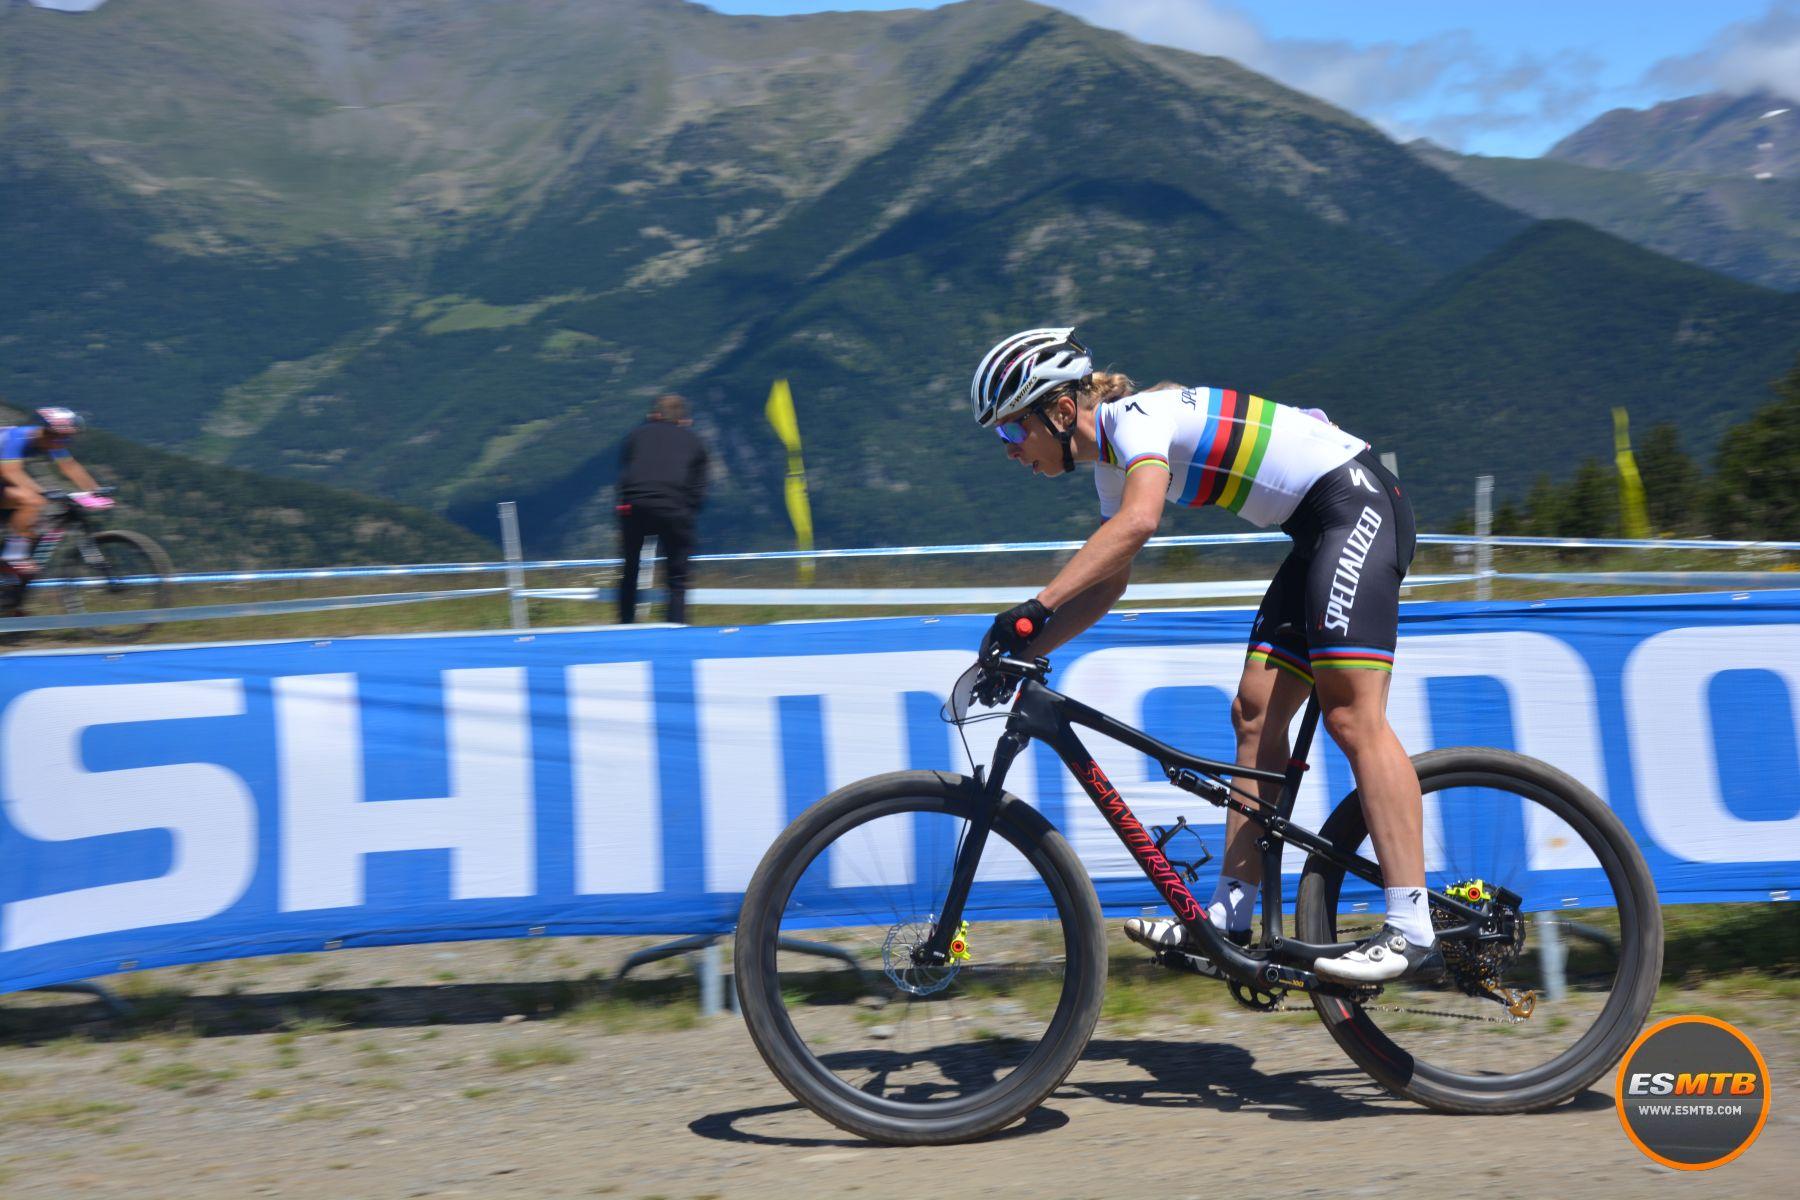 Annika Langvad había pasado una semana sin tocar la bici prácticamente, según explicaba ella misma. Recuperándose del esfuerzo de los mundiales de bike-maraton. Salió a la defensiva y su táctica de ir a más funcionó. Acabó 2ª.